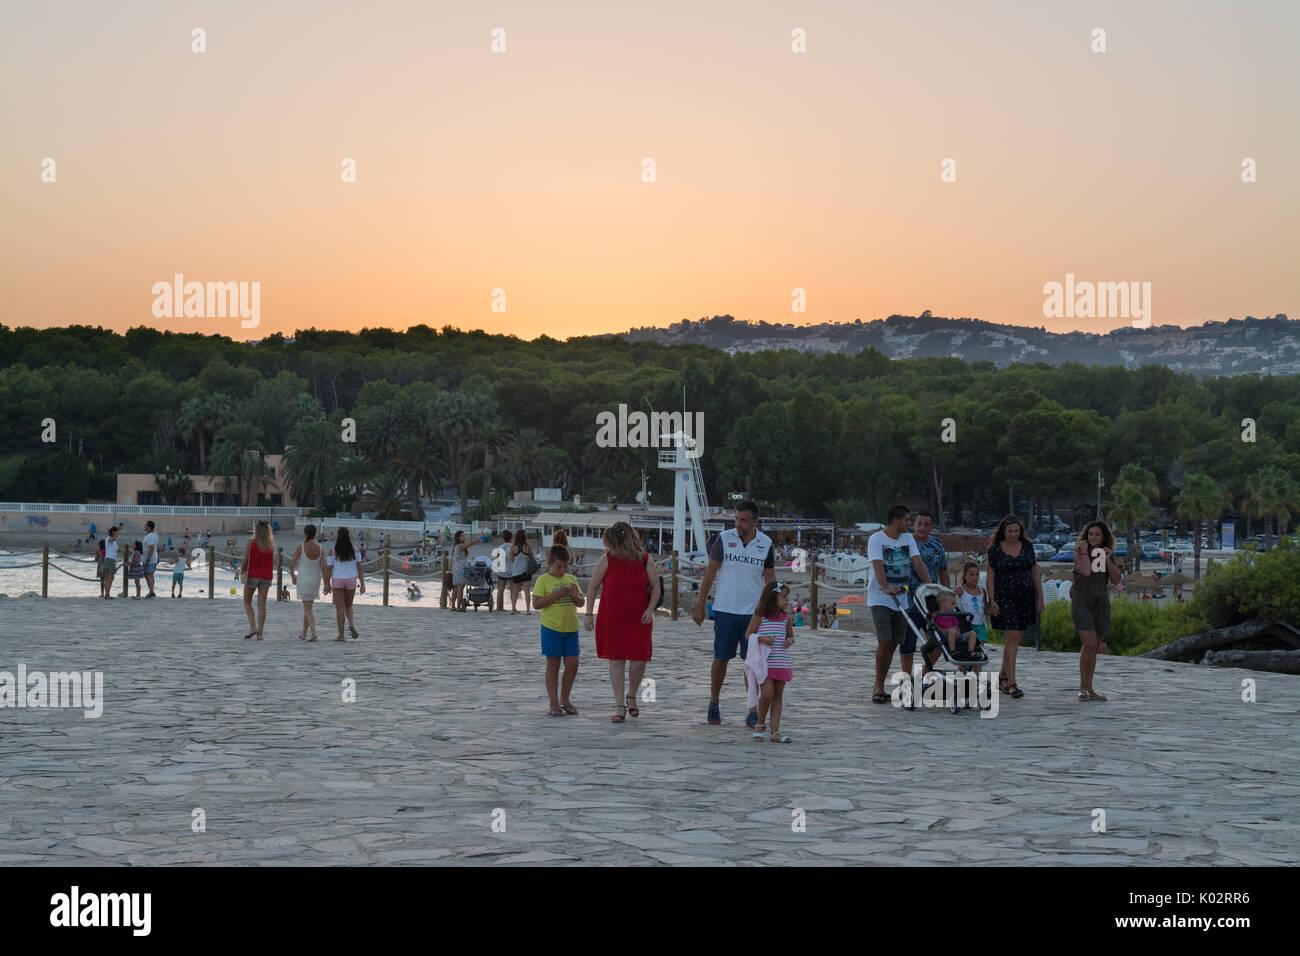 Paseo de Moraira - familias paseando al atardecer Imagen De Stock